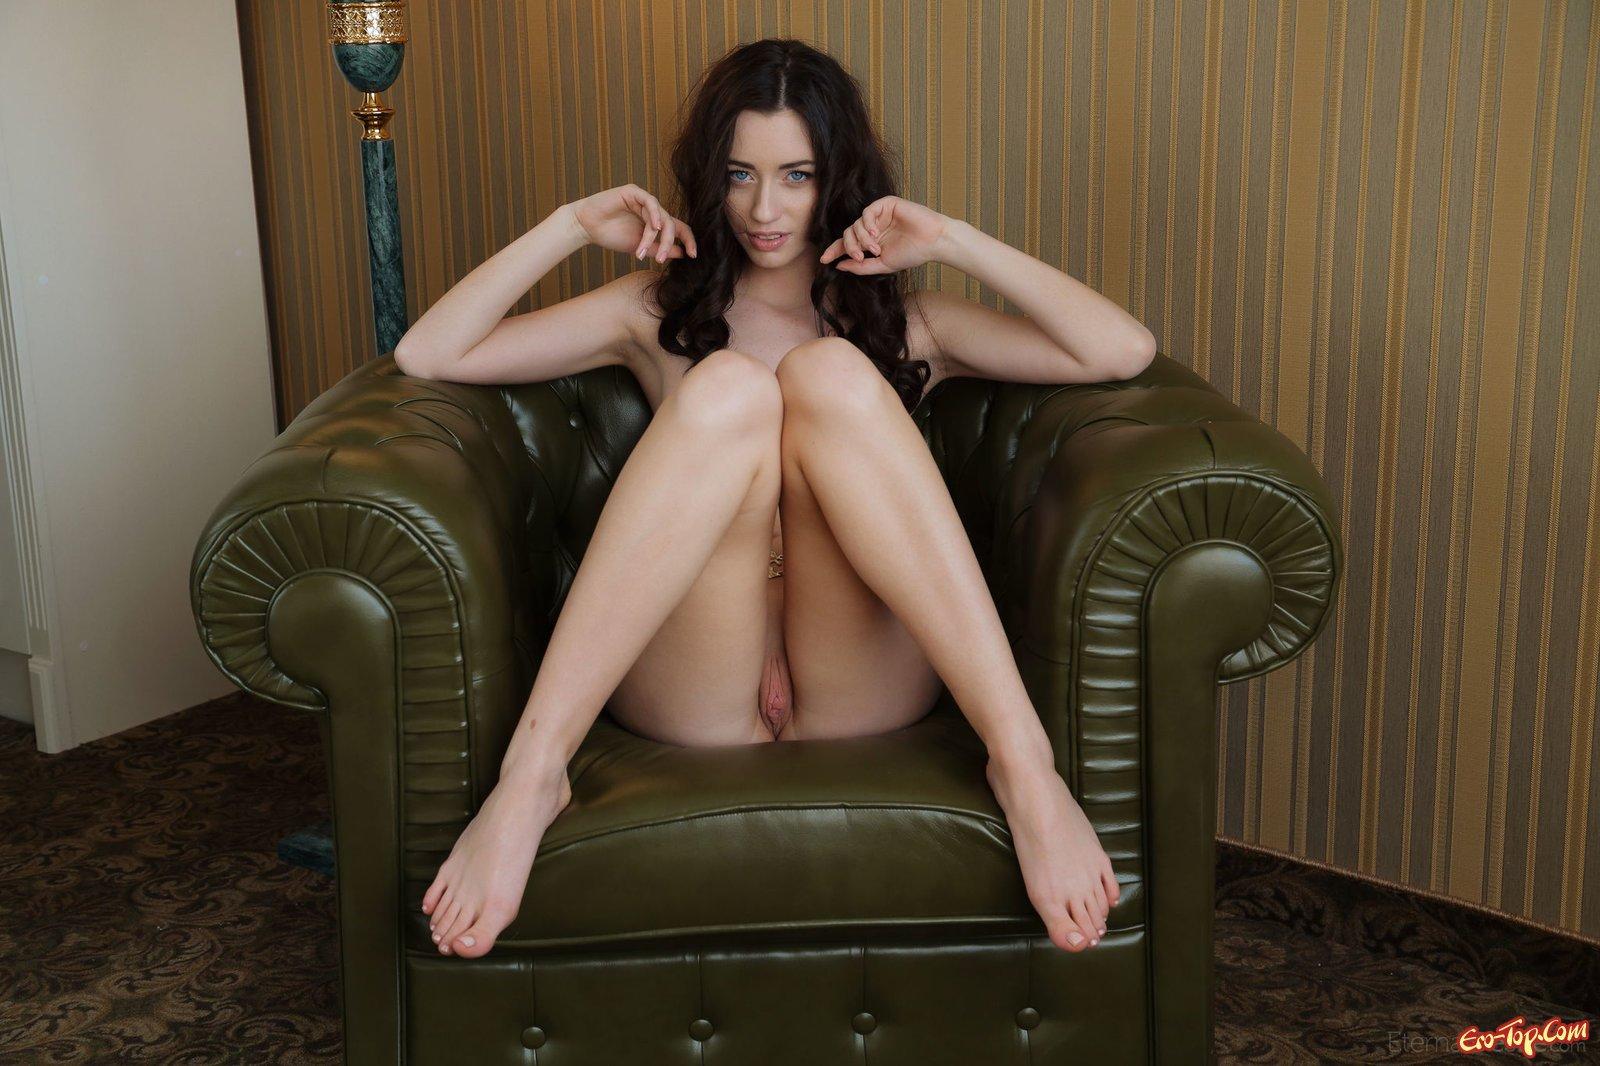 Нагая мадам с милой задницей хвастается в кресле